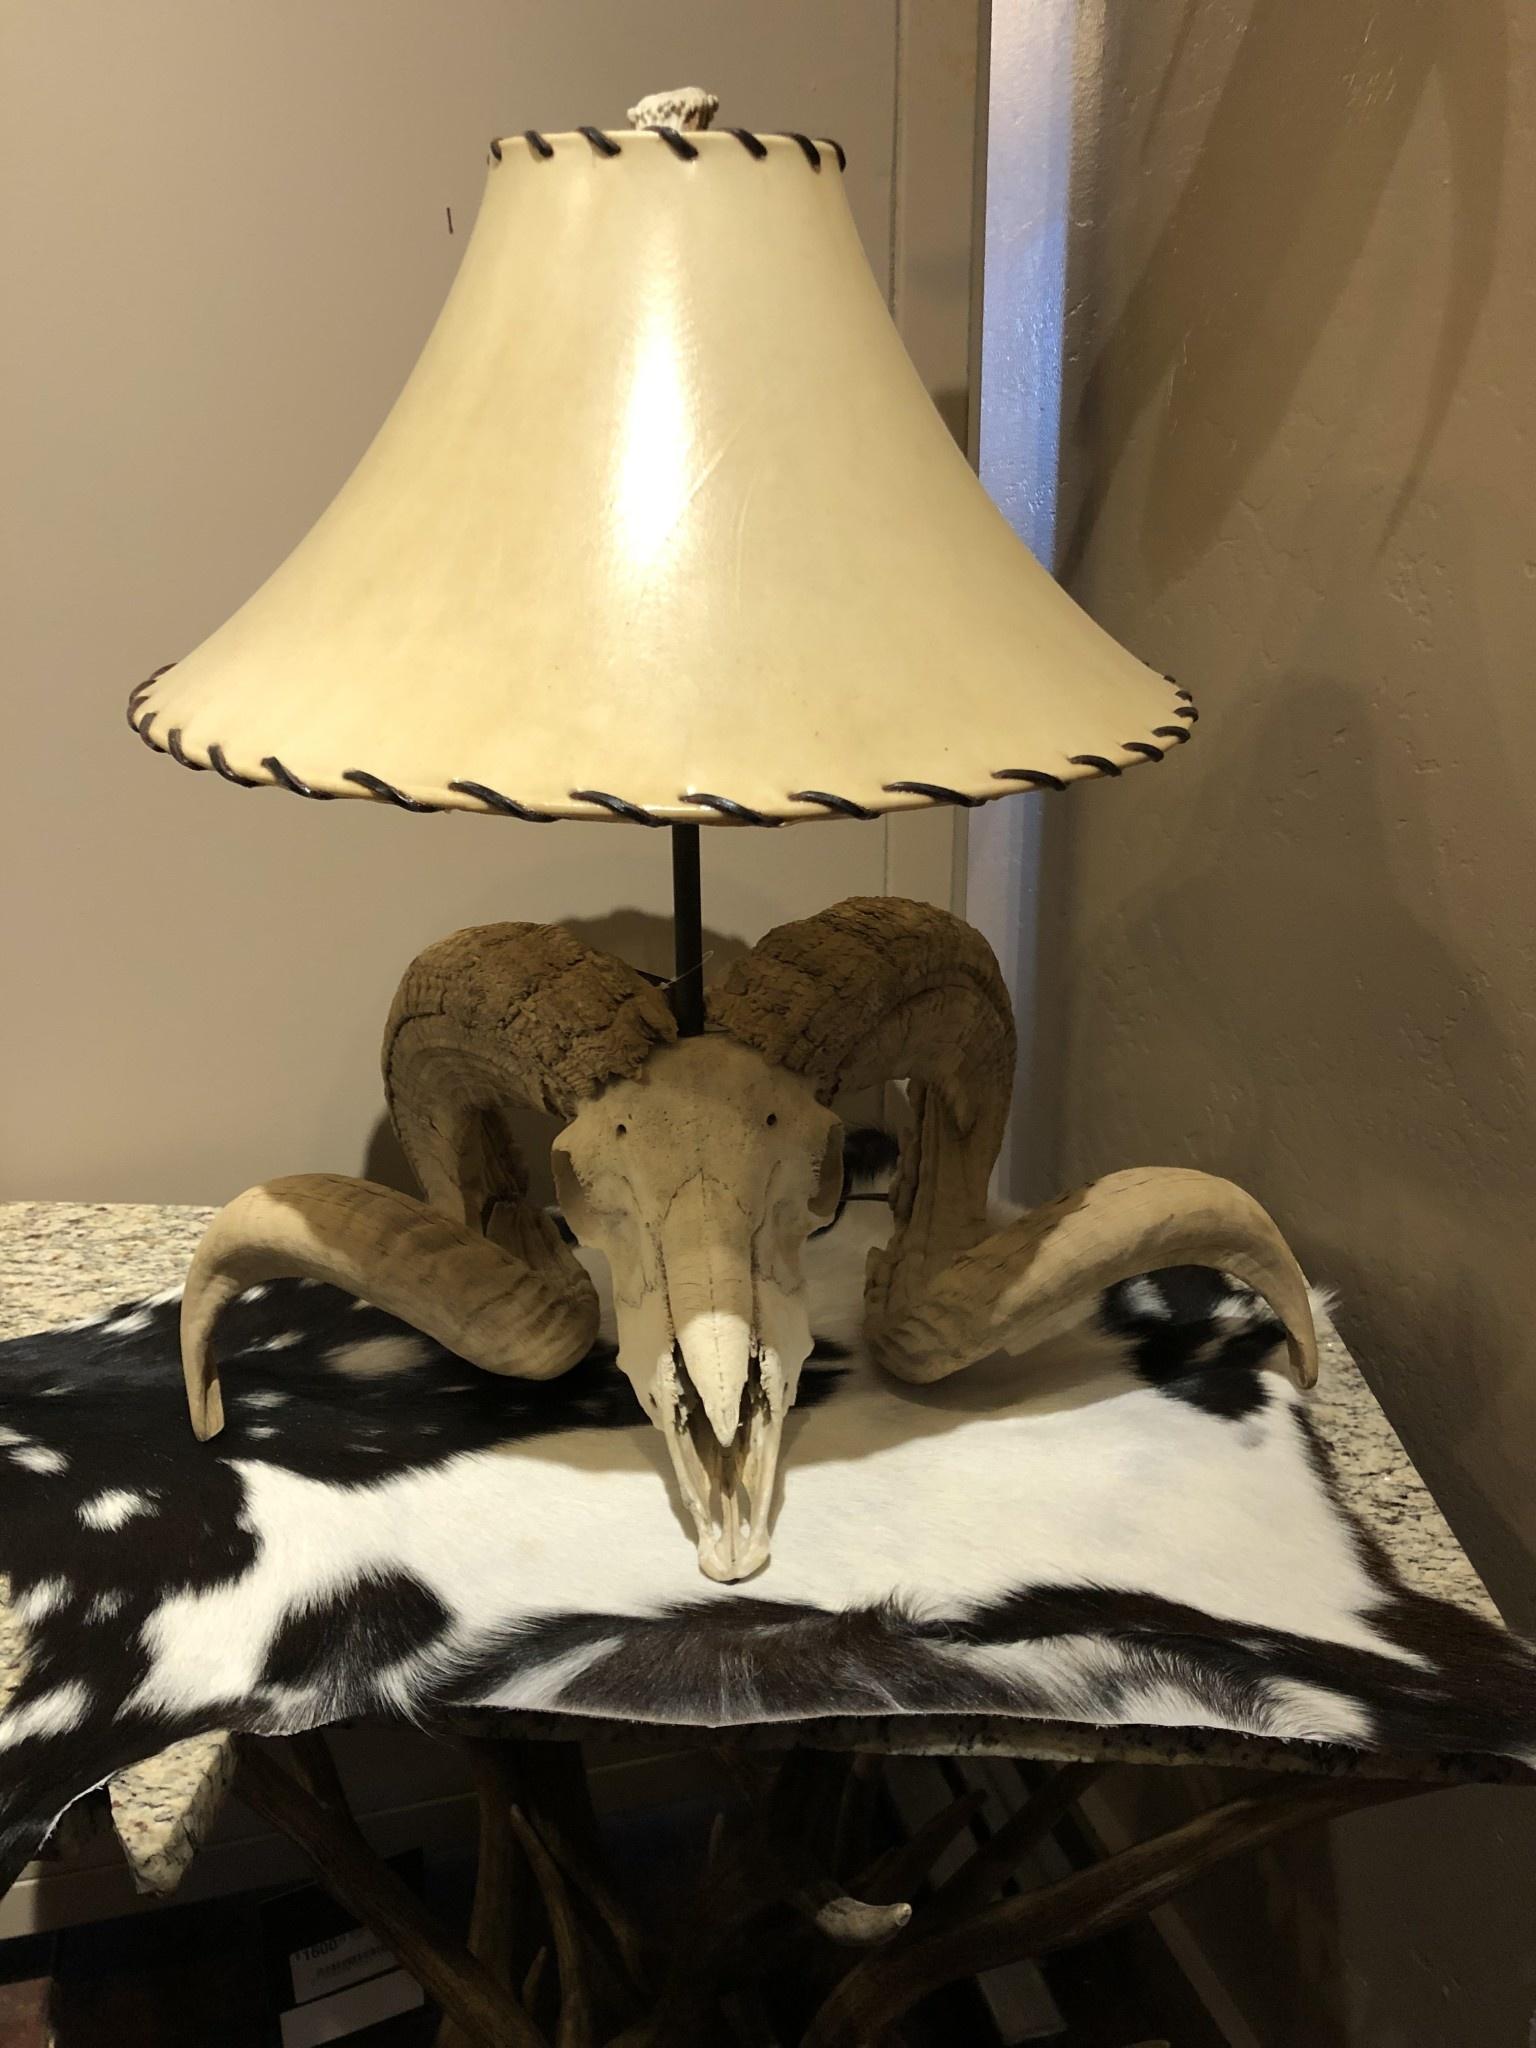 Fish Corsican Ram Lamp